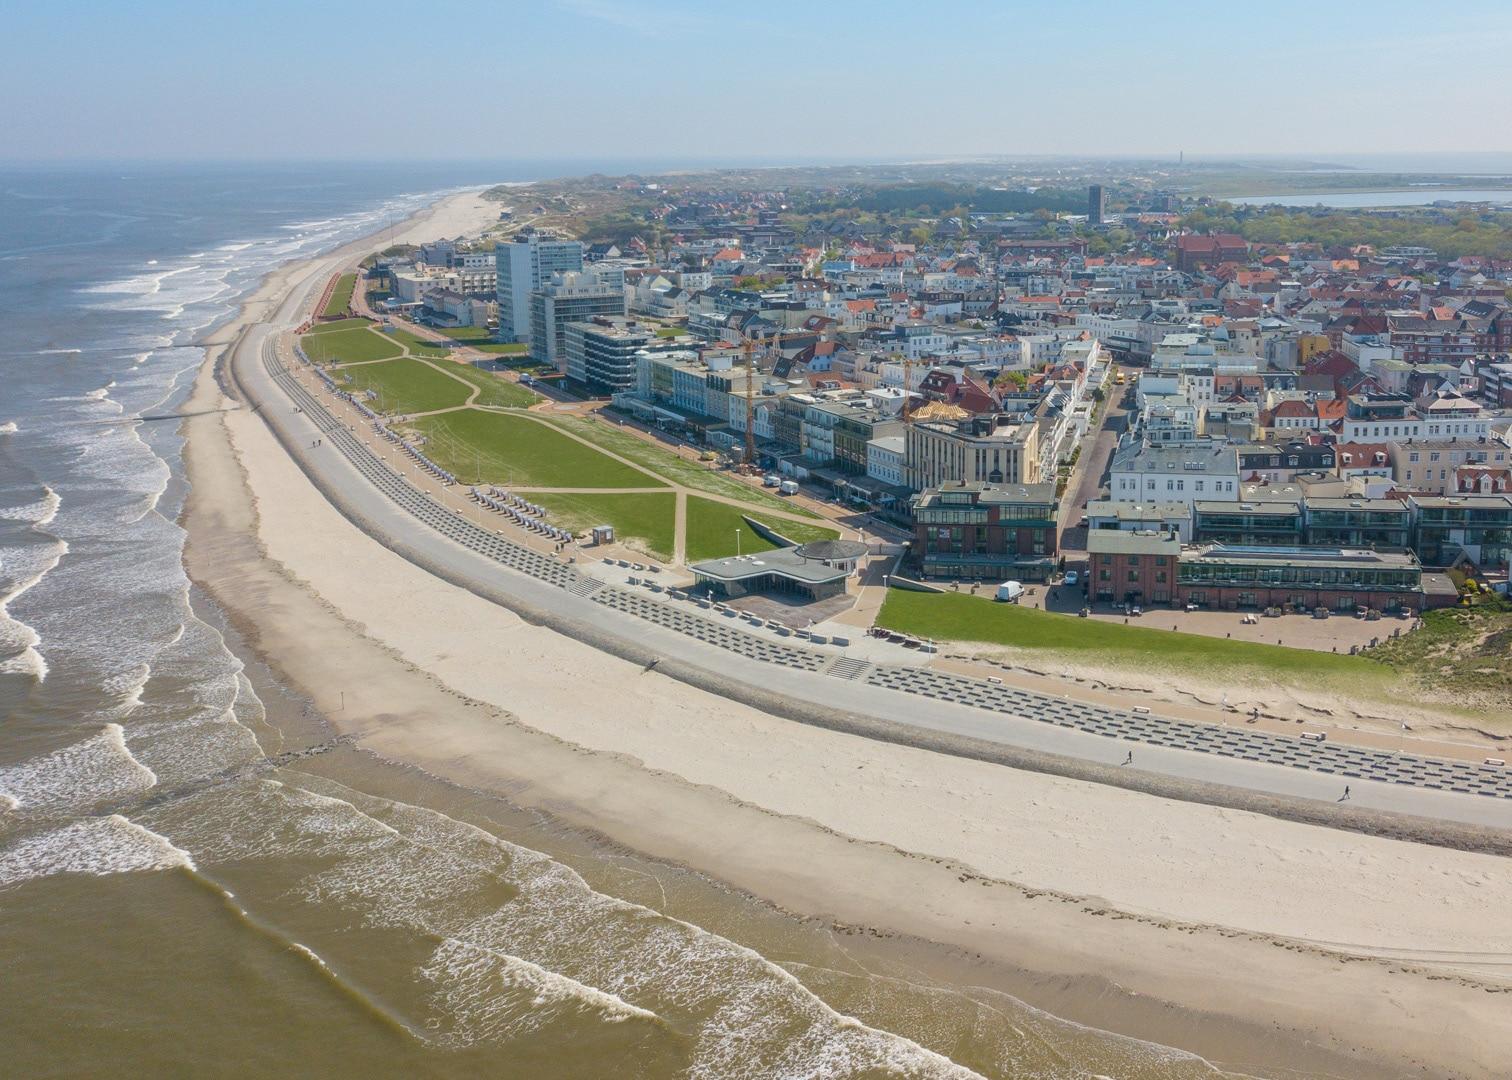 Ferienvermietung auf Norderney